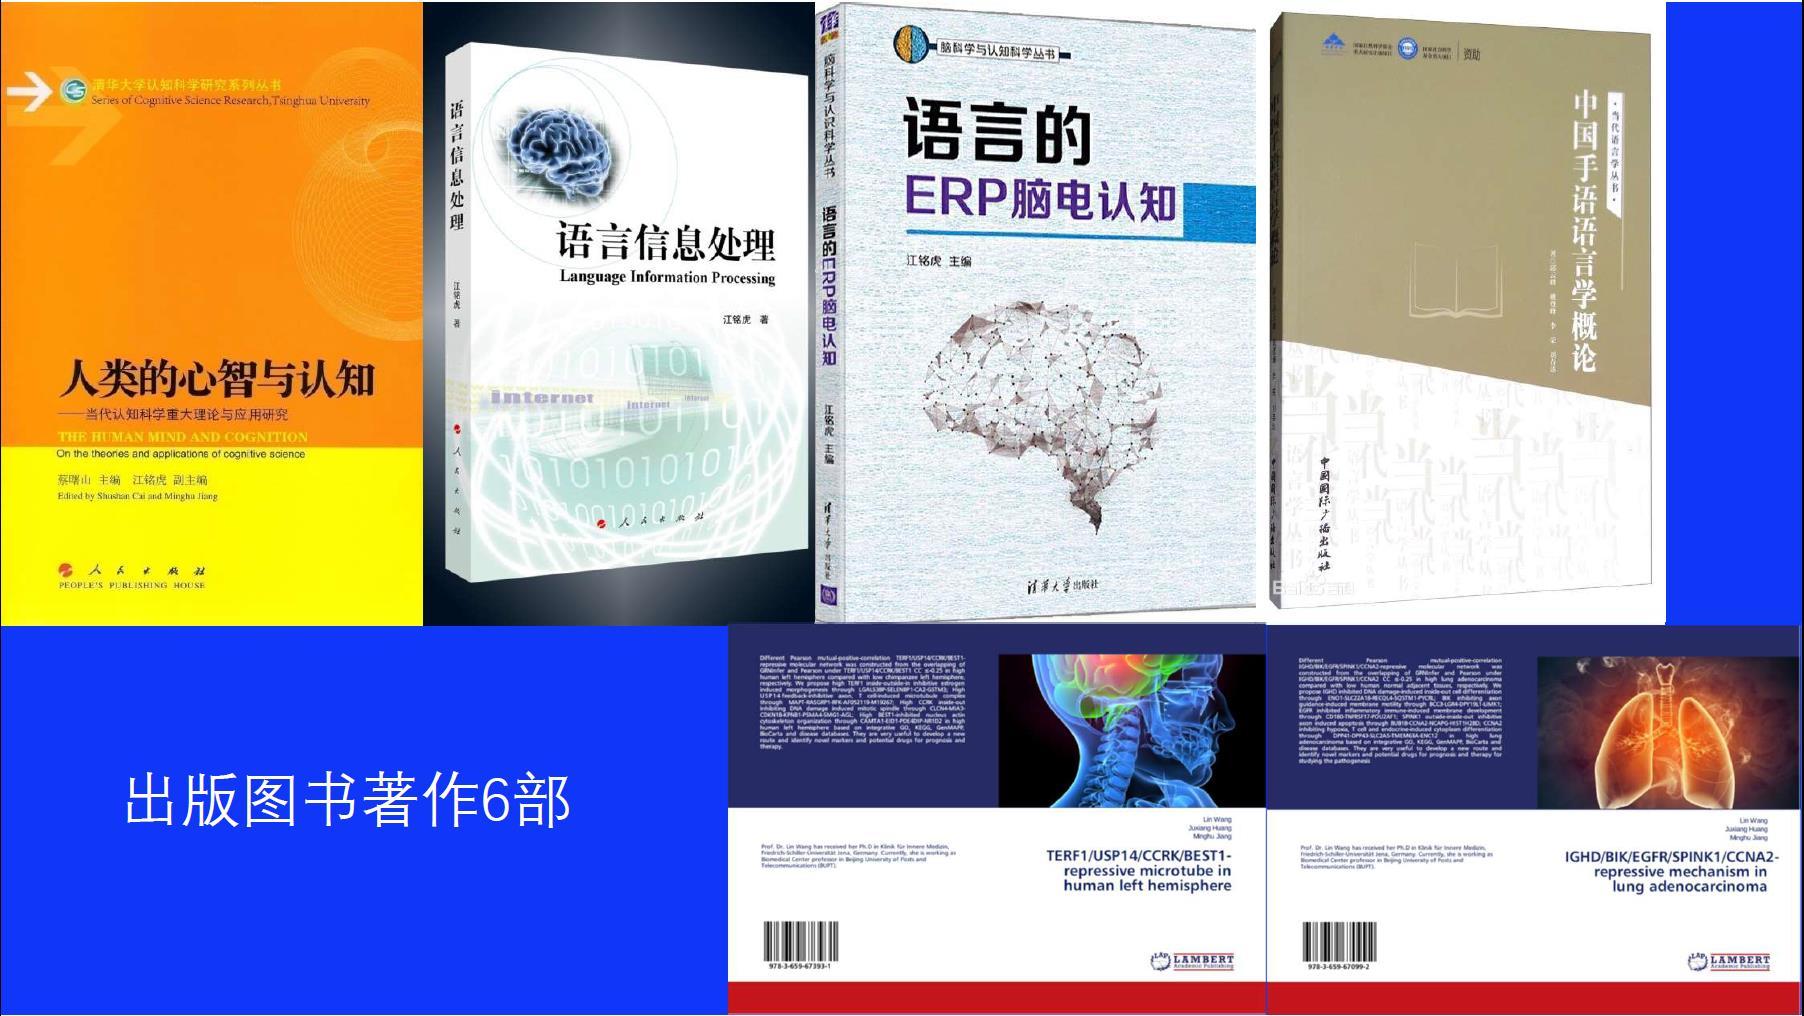 国家社科基金重大项目《汉语非字面语言大脑加工的神经机制研究》通过结题验收(图)